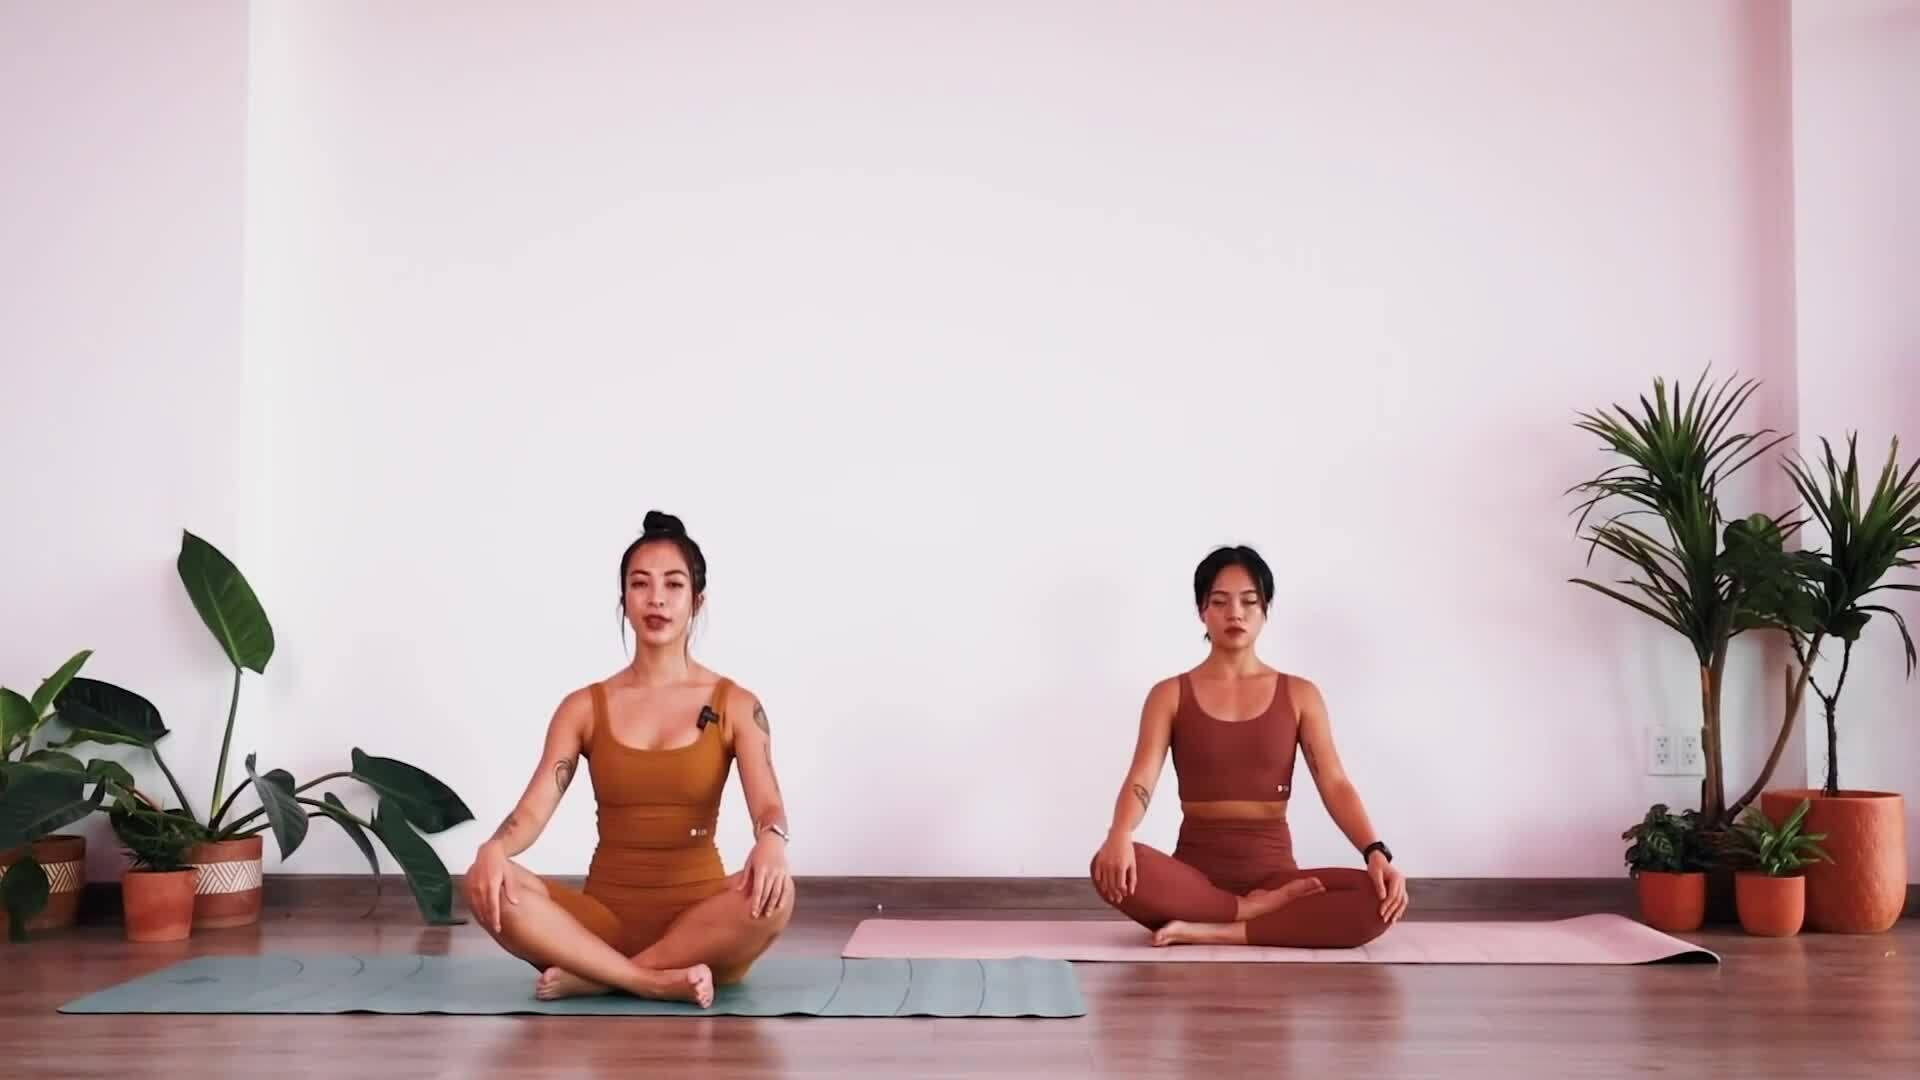 Bài tập yoga và cách thở giúp phổi khỏe